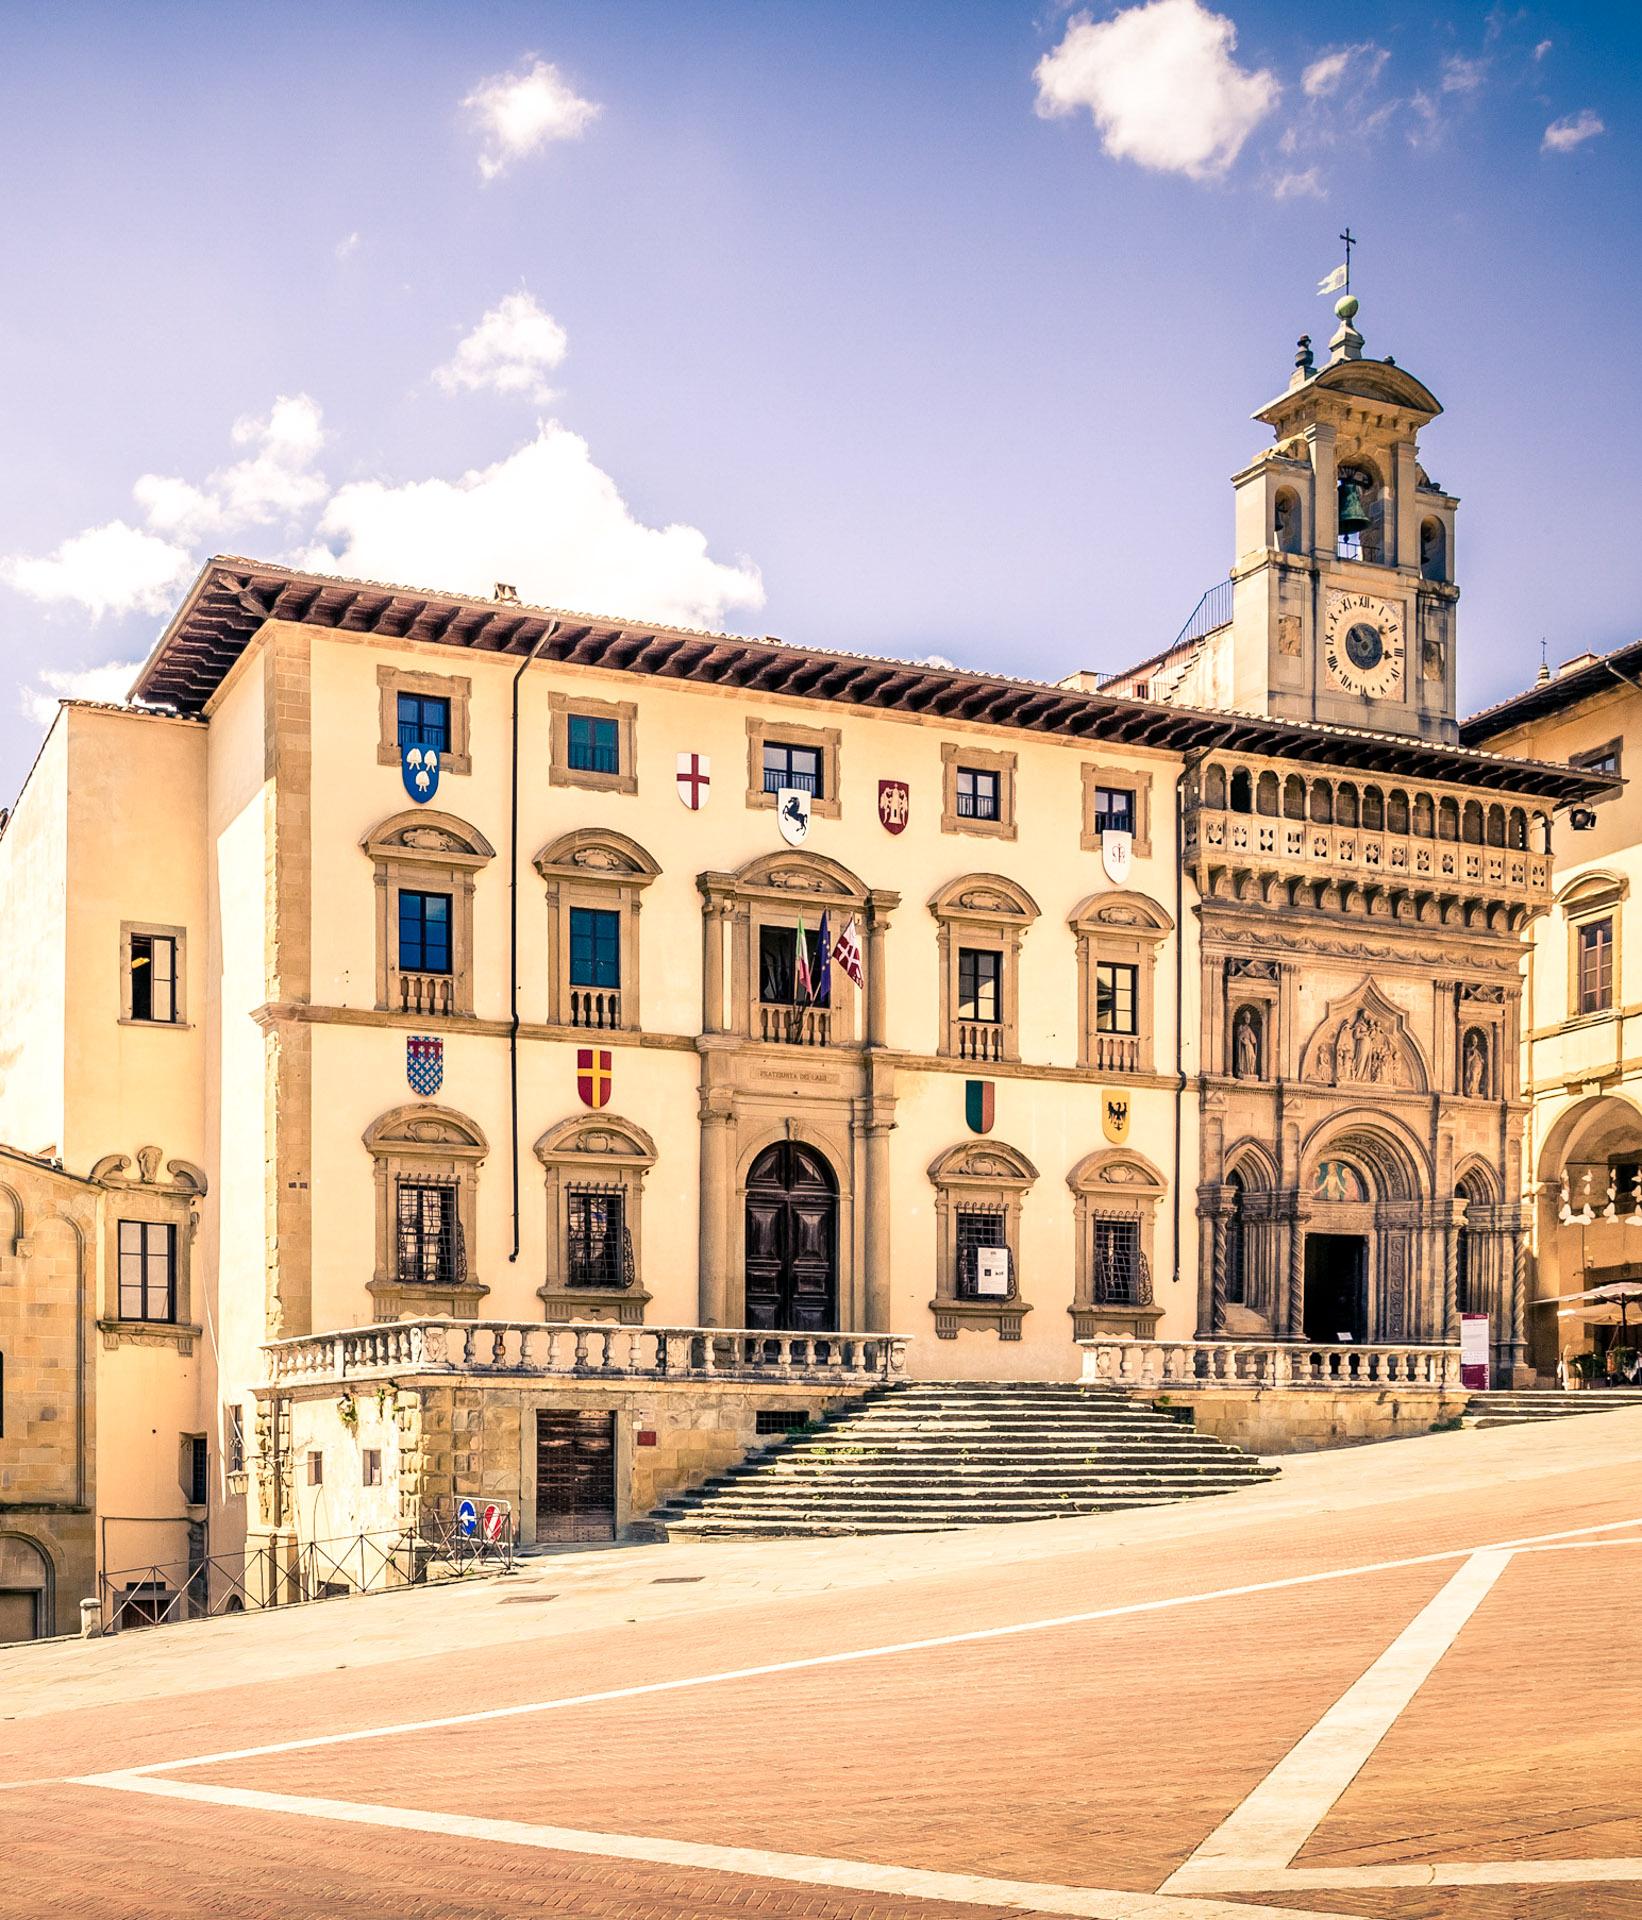 Urlaub In Der Toskana Tipps Angebote Adac Reisen